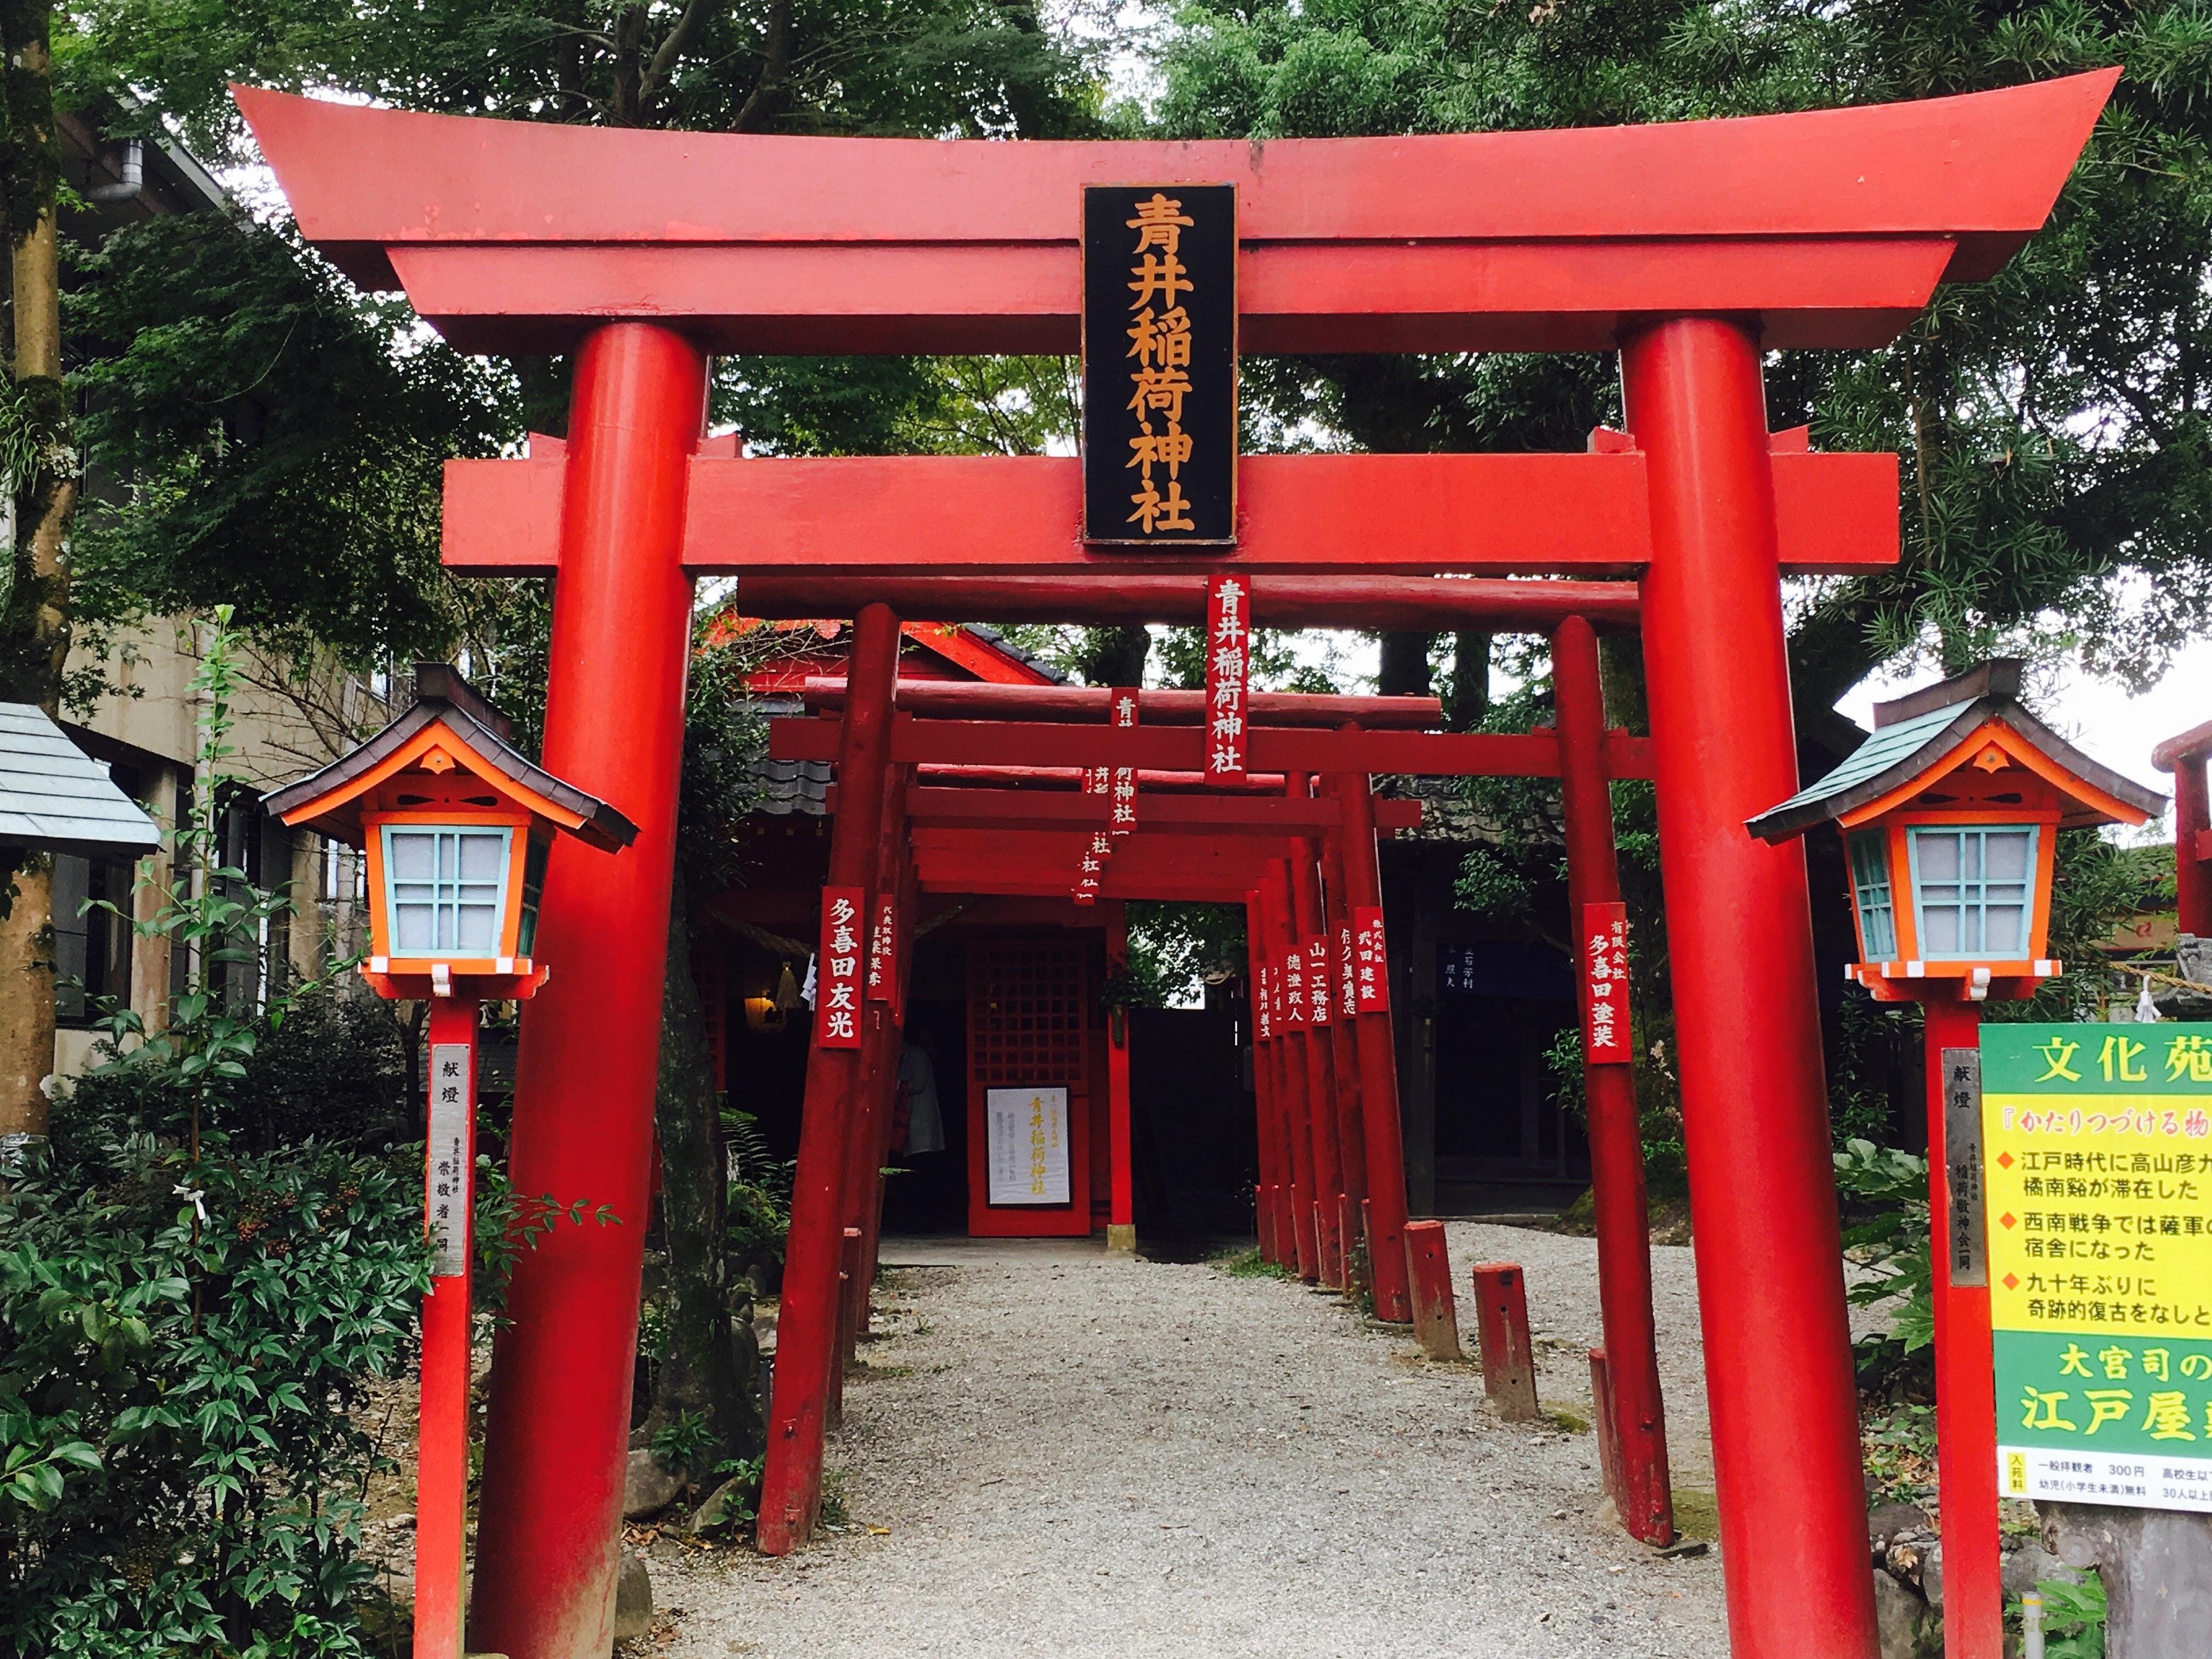 【青井阿蘇神社】人吉にある国宝にも選ばれた1200年の歴史の神社